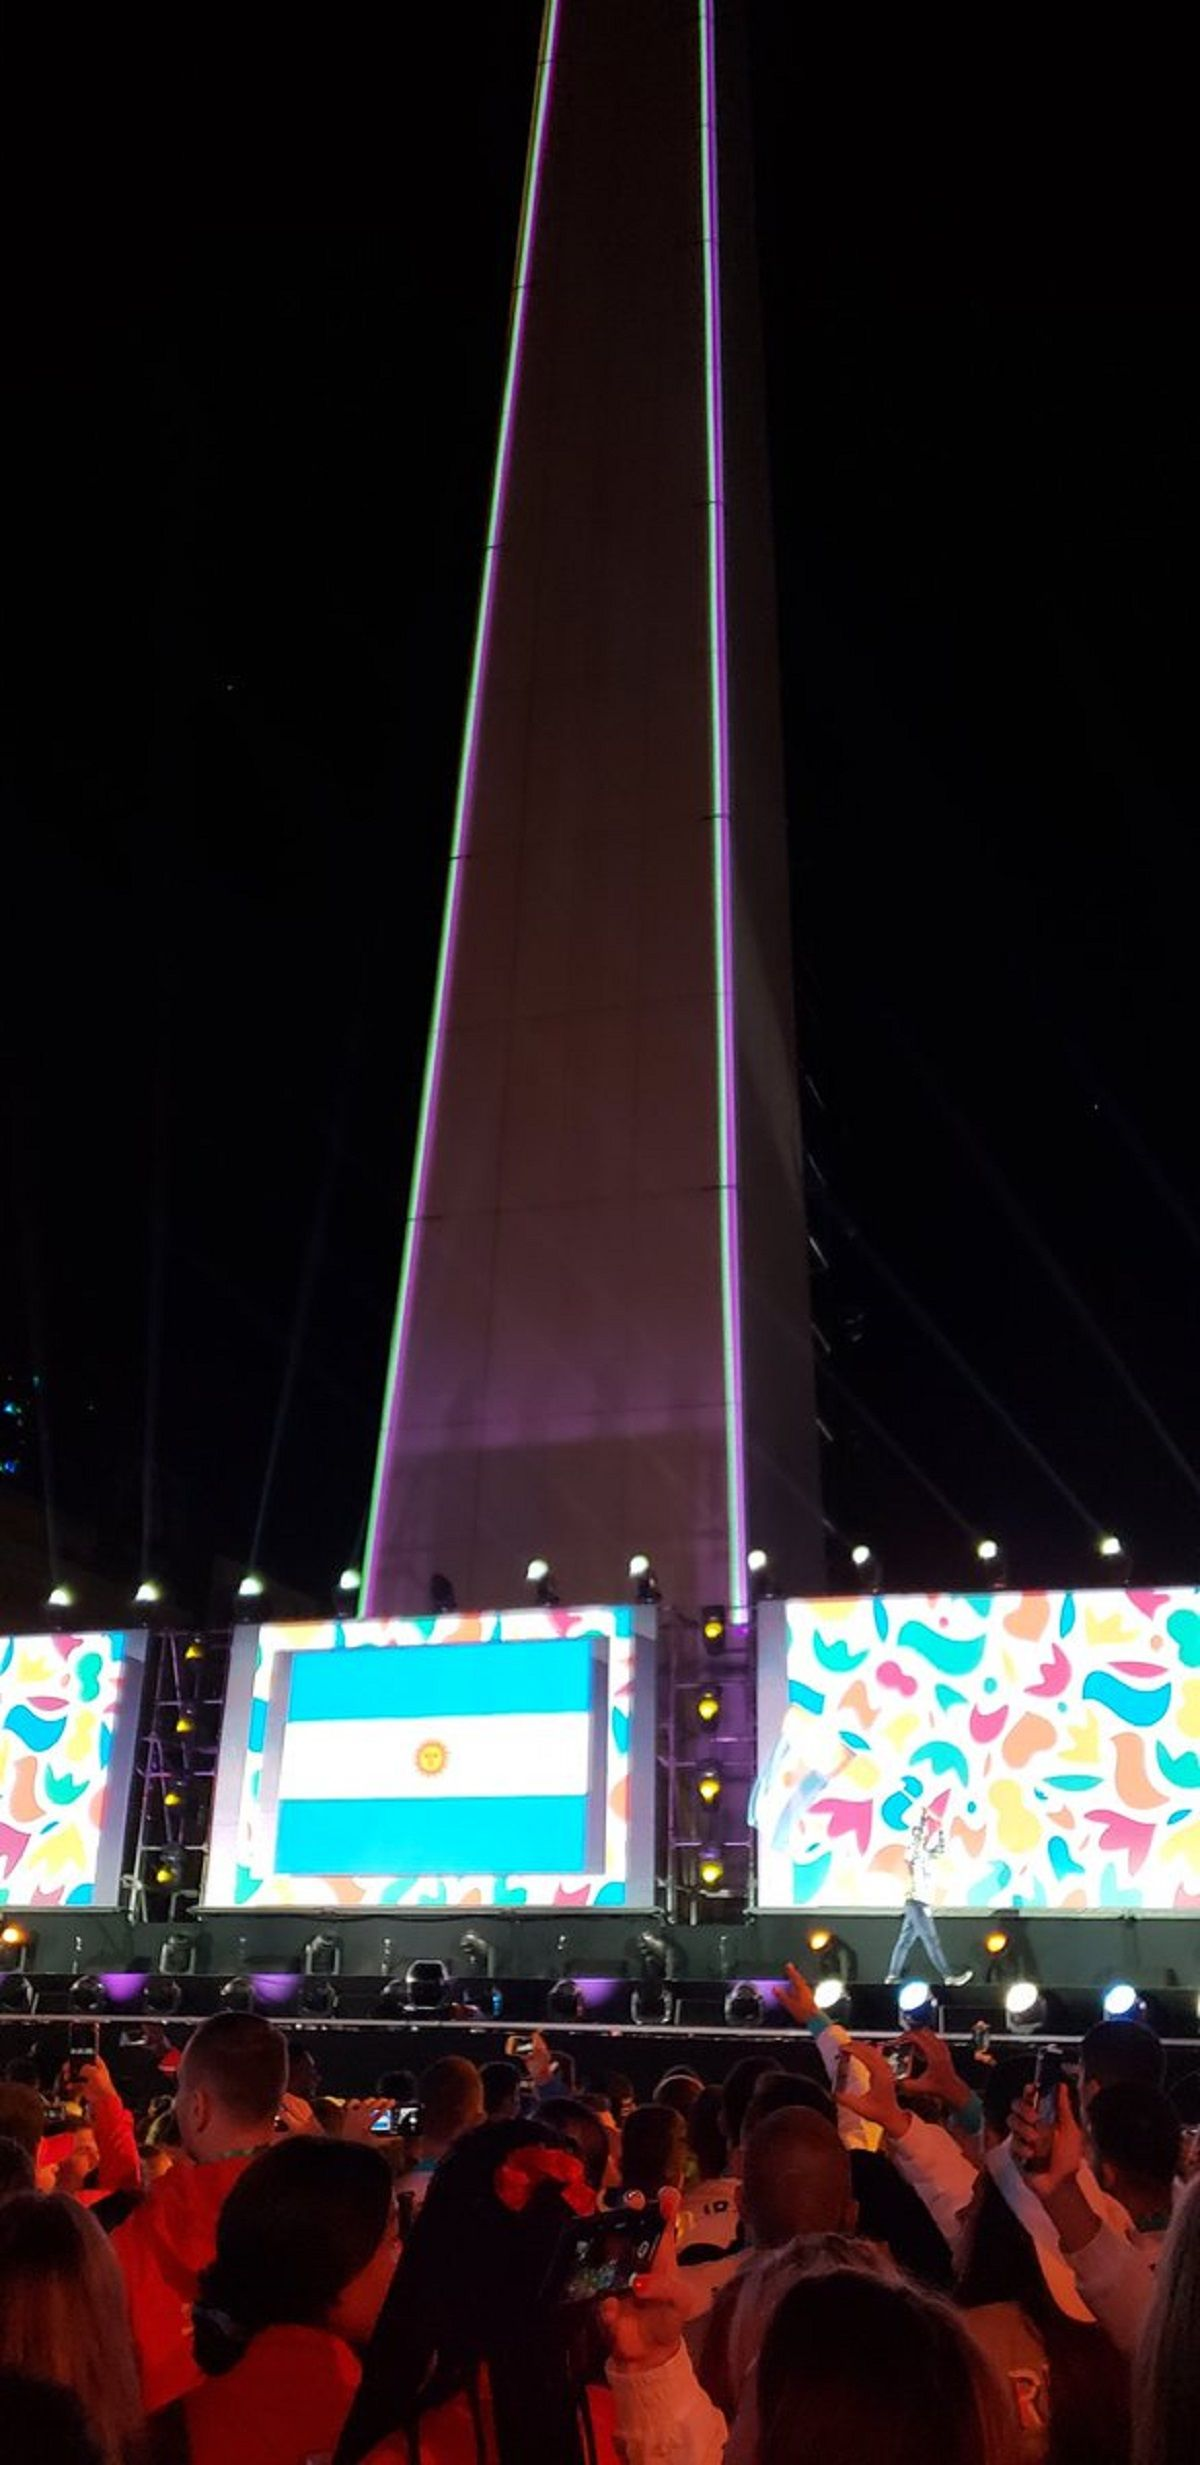 Inauguración de los Juegos Olímpicos de la Juventud - Crédito:@BuenosAires2018